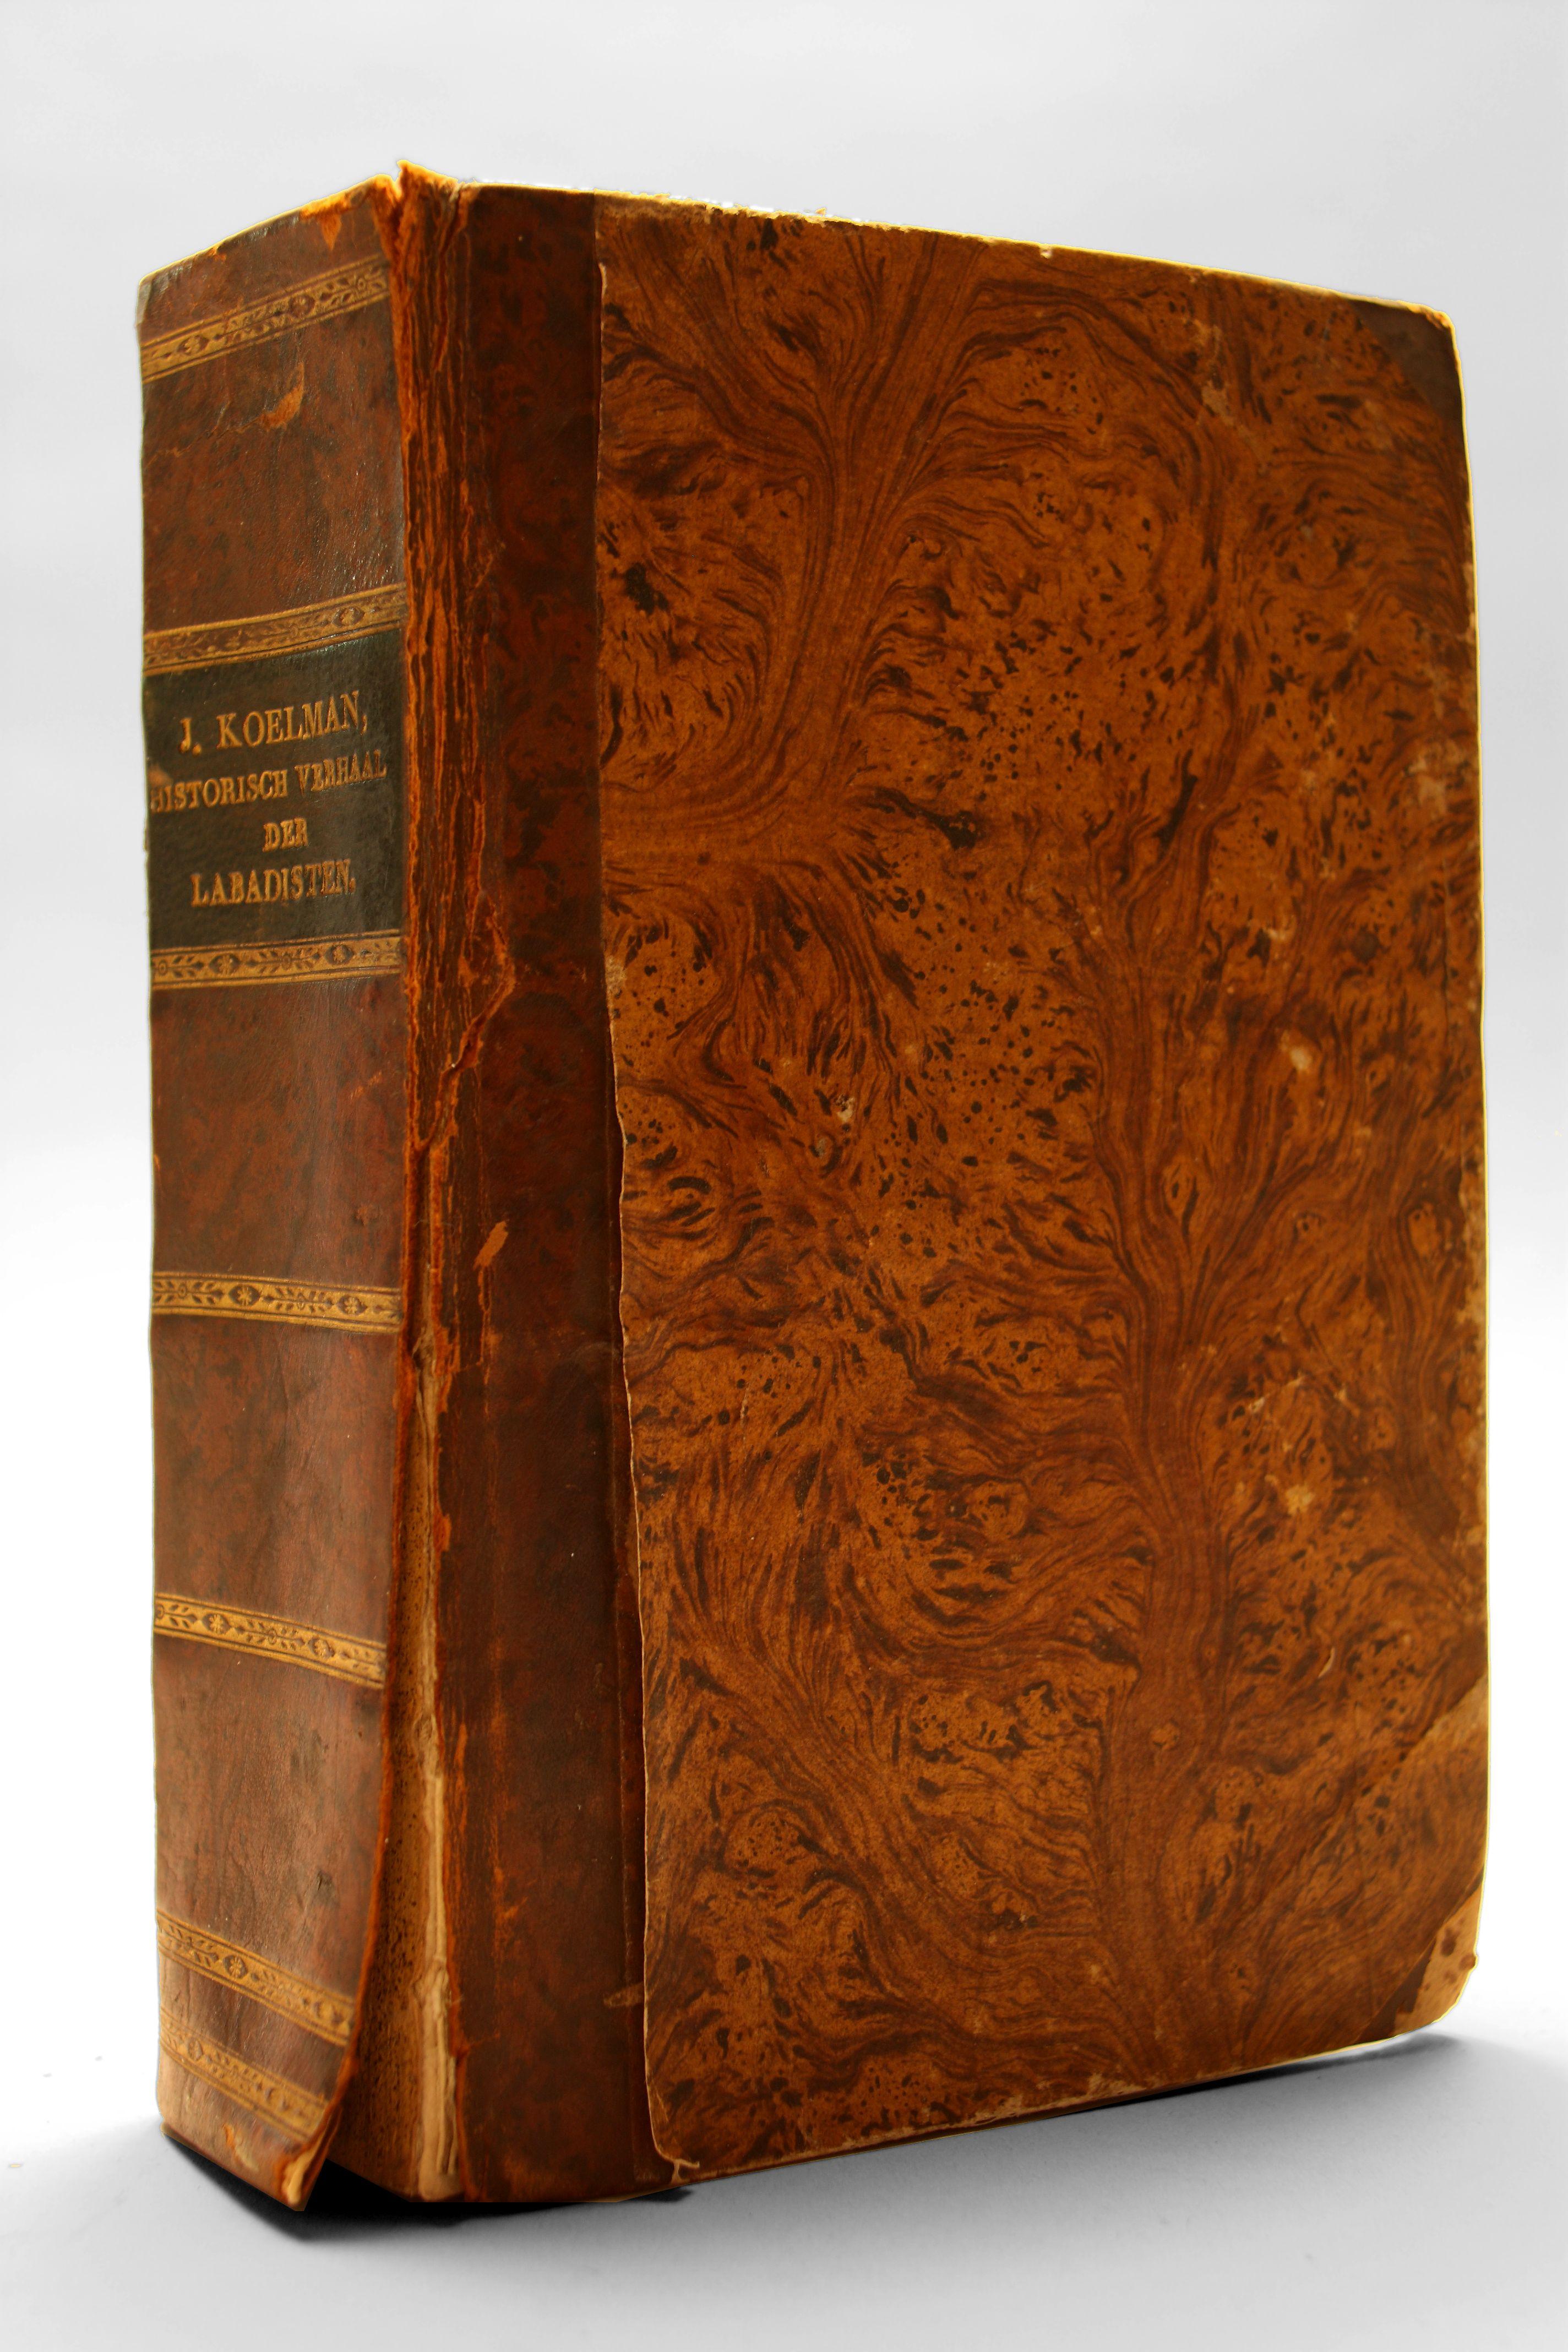 'Historisch verhaal nopens der Labadisten scheuring en veelerley dwalingen, met de wederlegginge derzelver', door Jacobus Koelman